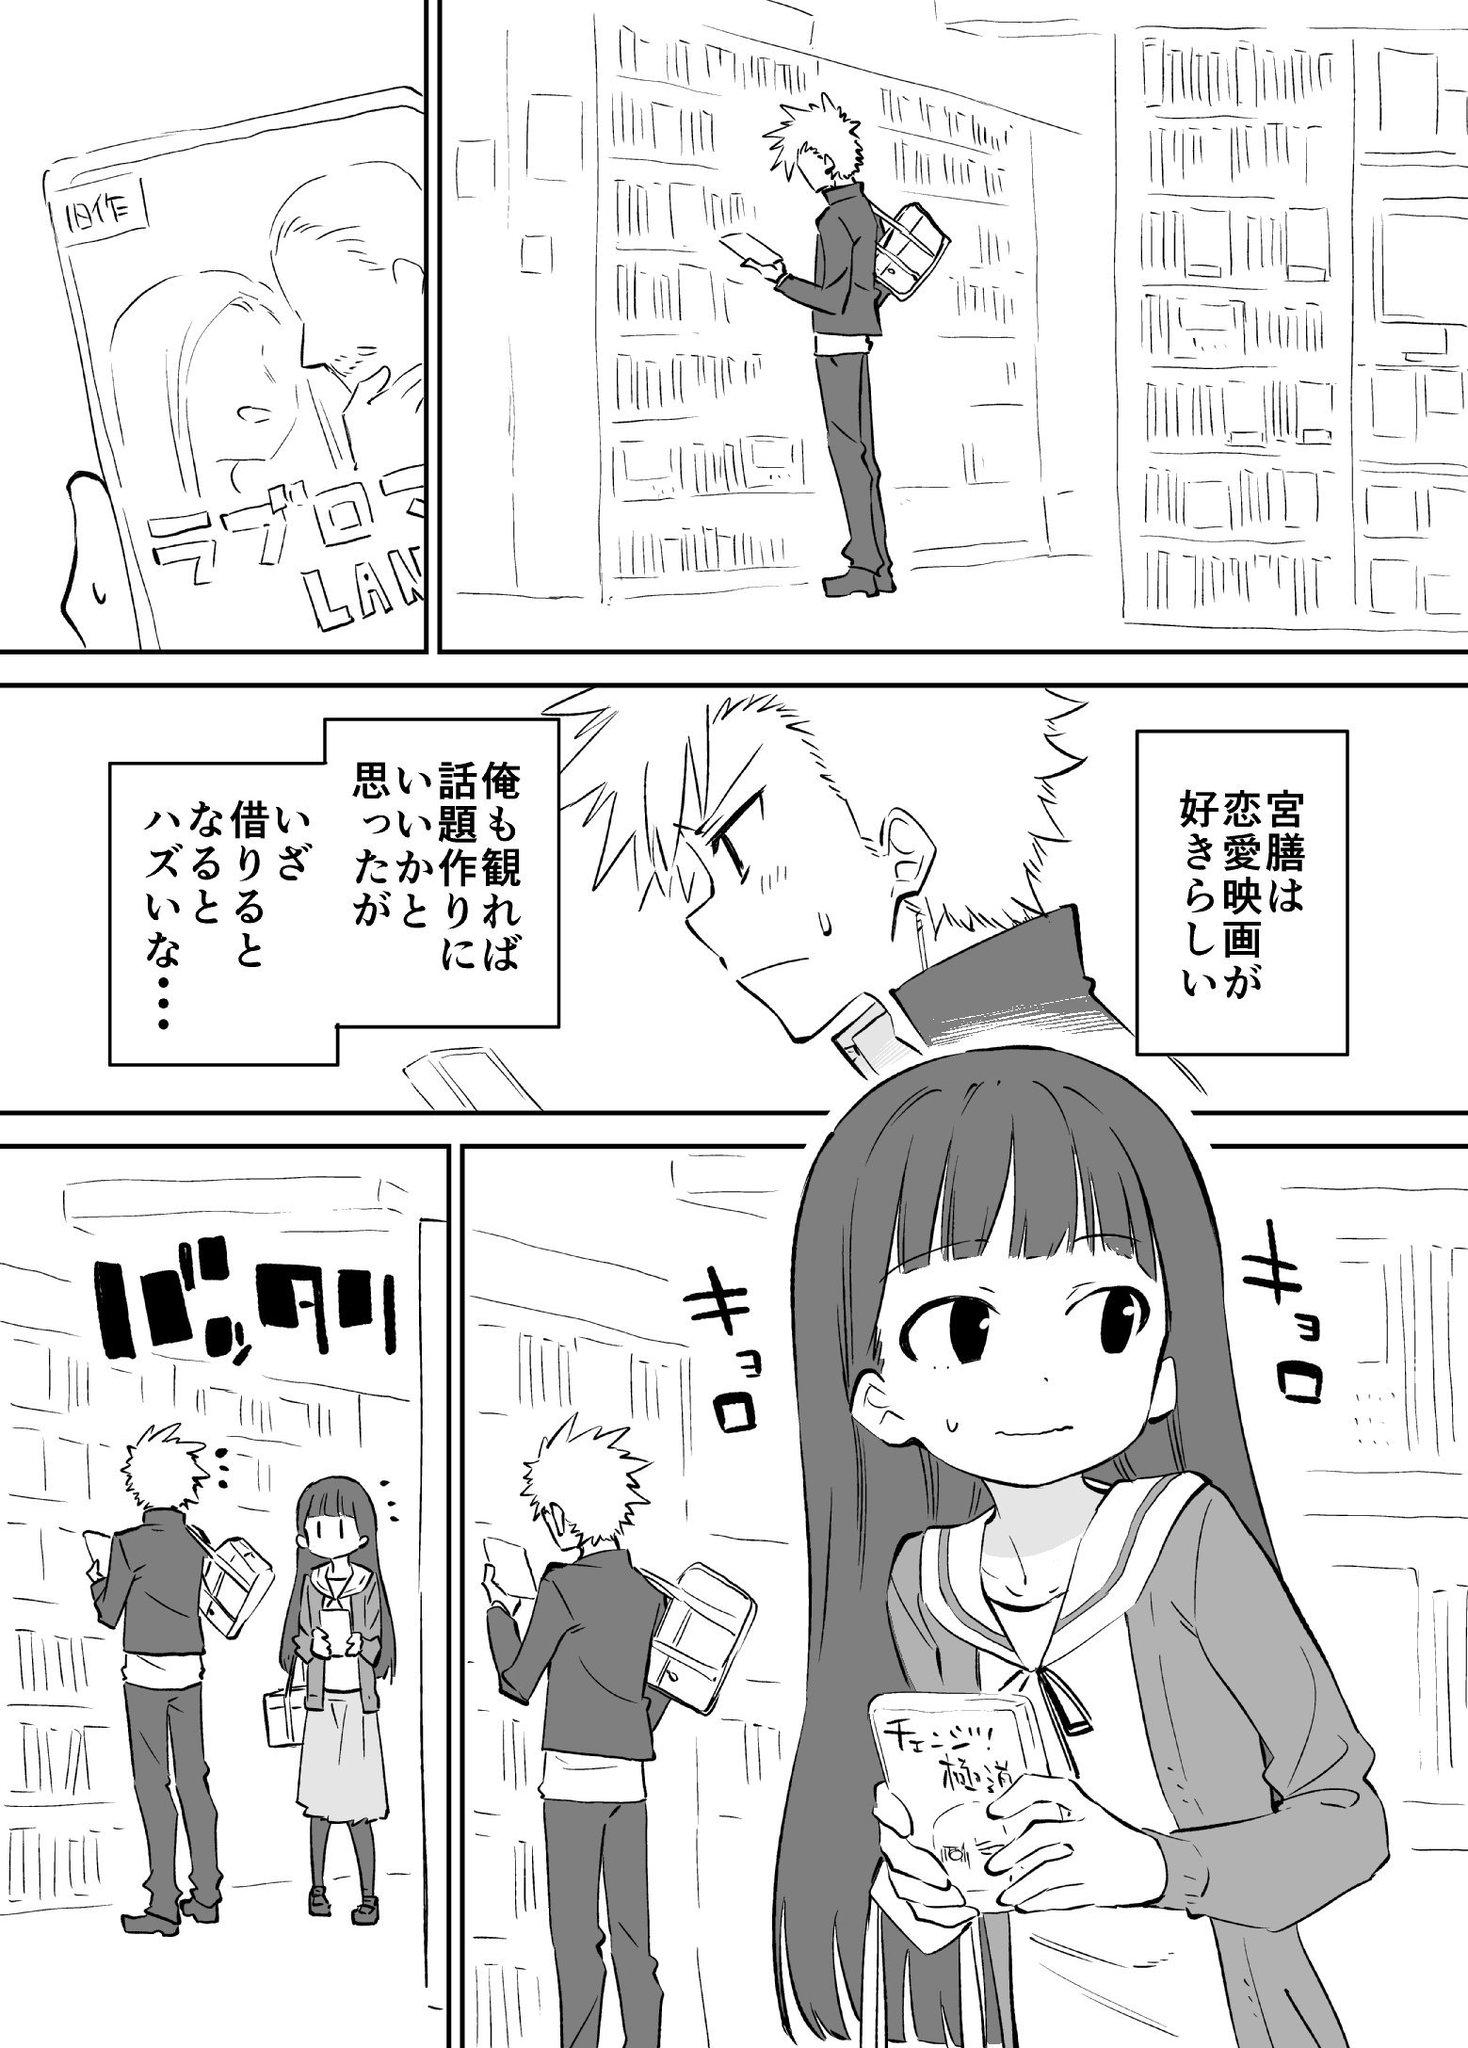 お近づきになりたい漫画13